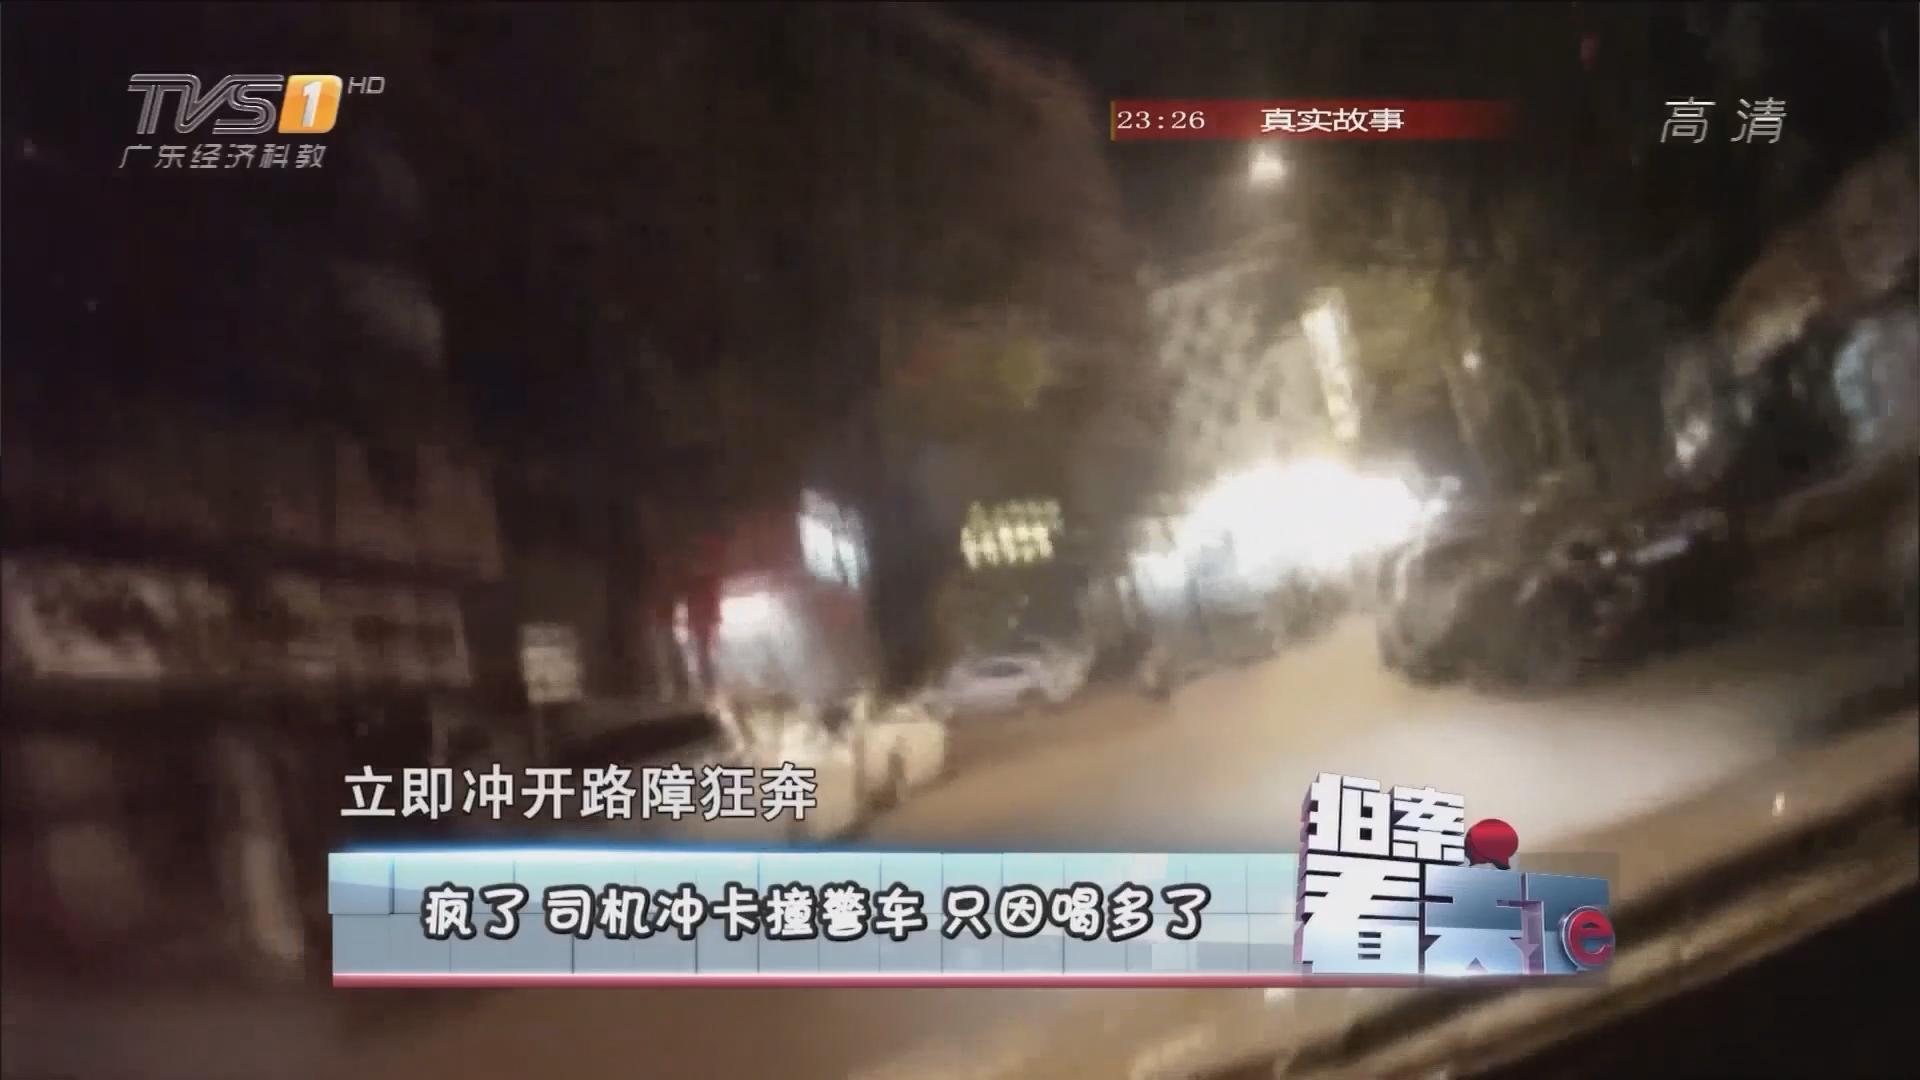 疯了 司机冲卡撞警车 只因喝多了